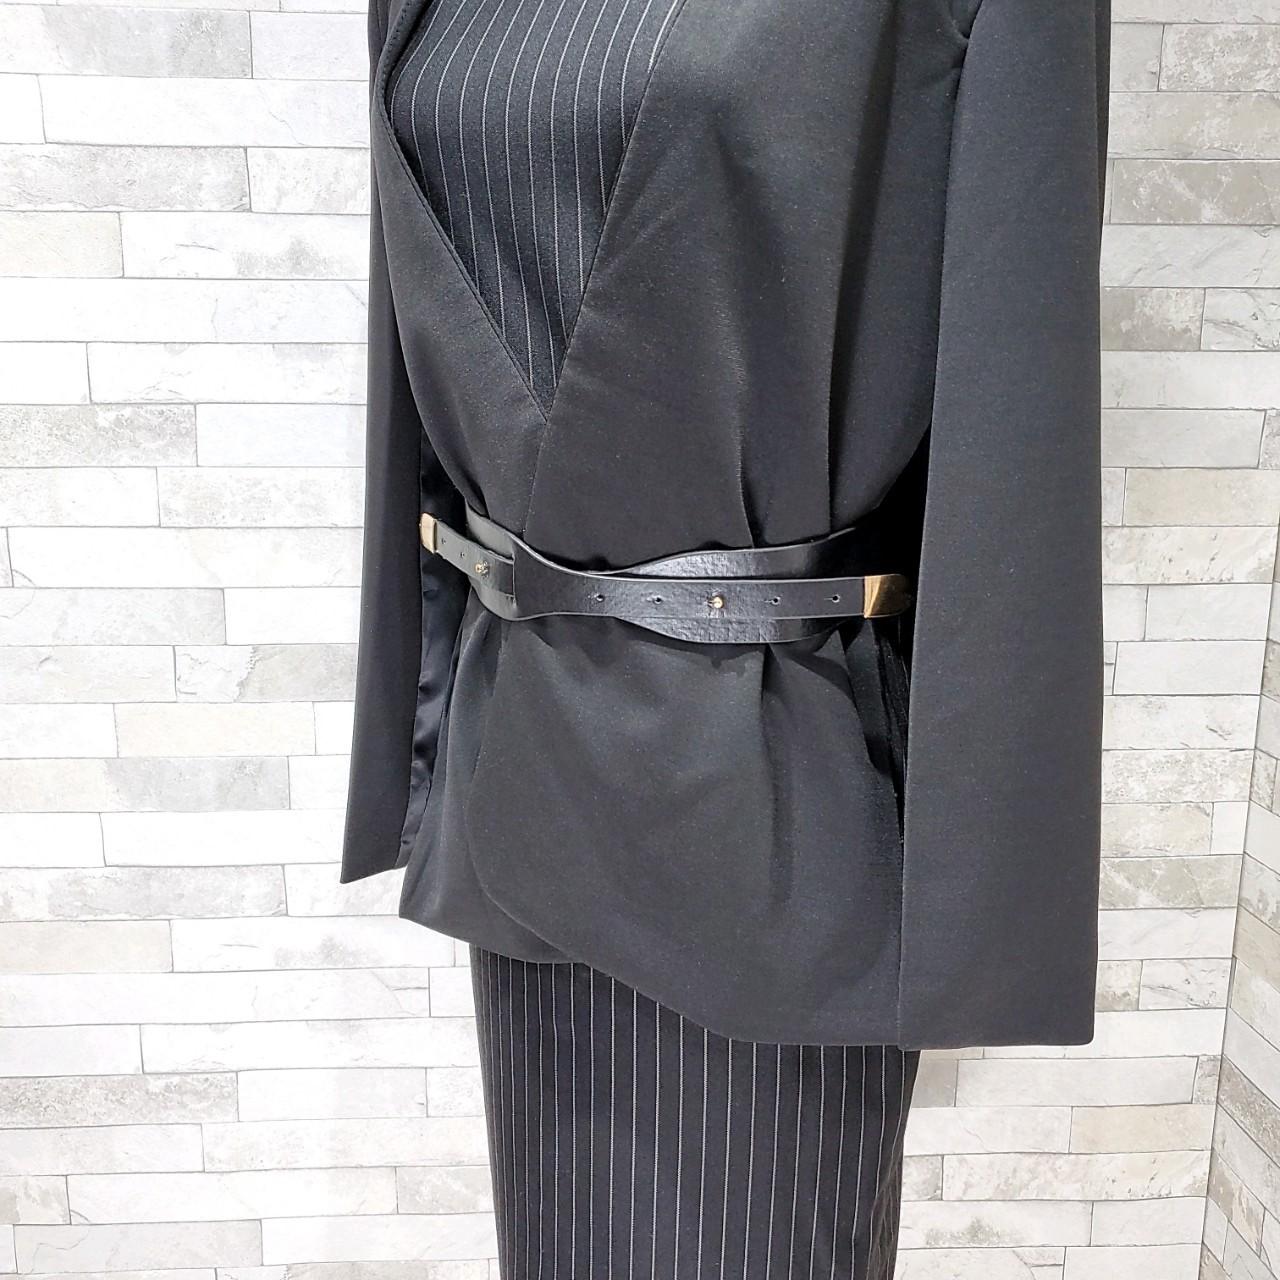 【即納】韓国 ファッション ワンピース パーティードレス ひざ丈 ミディアム 春 秋 冬 パーティー ブライダル SPTX5574 結婚式 お呼ばれ セット ポンチョ マント 二次会 セレブ きれいめの写真16枚目